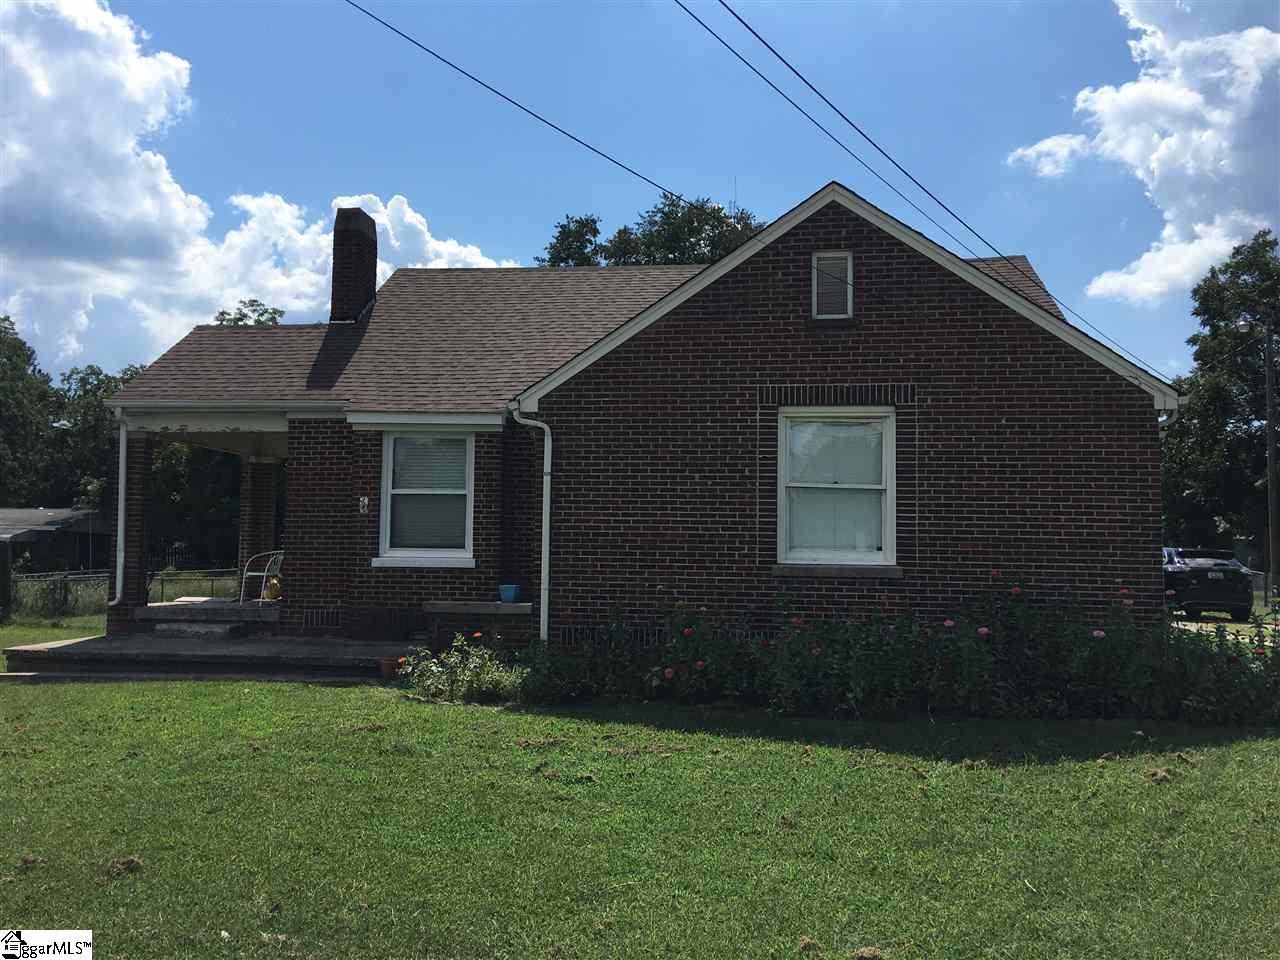 410 S Main Jonesville, SC 29353